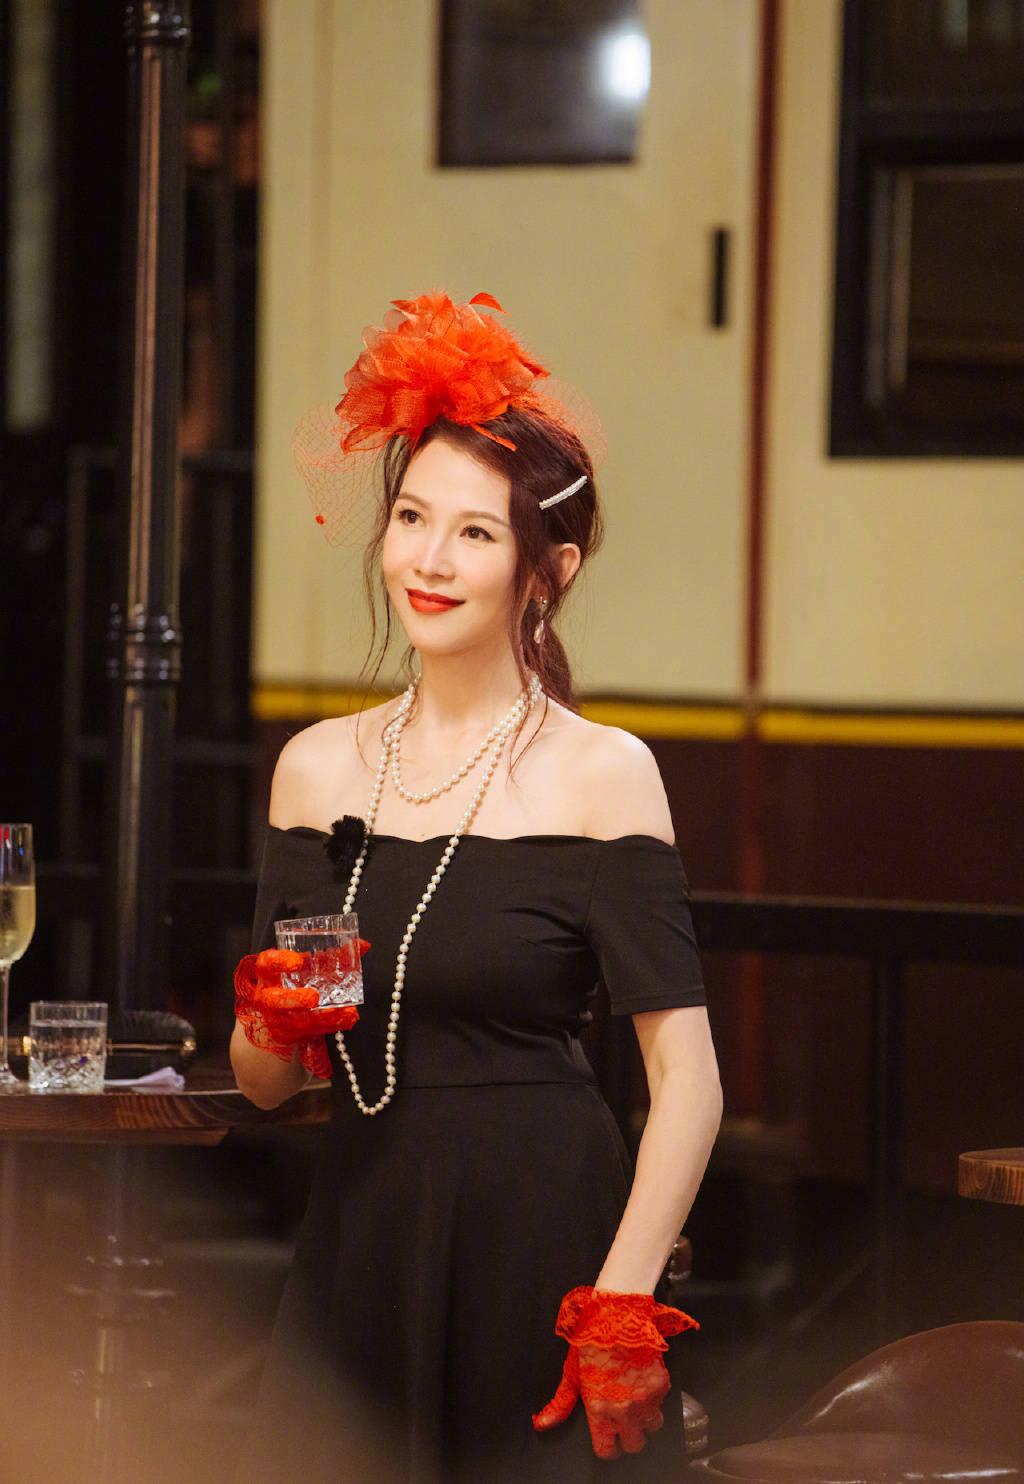 不愧是港姐季军,蔡少芬露肩连衣裙配红色礼帽,优雅得像复古名媛